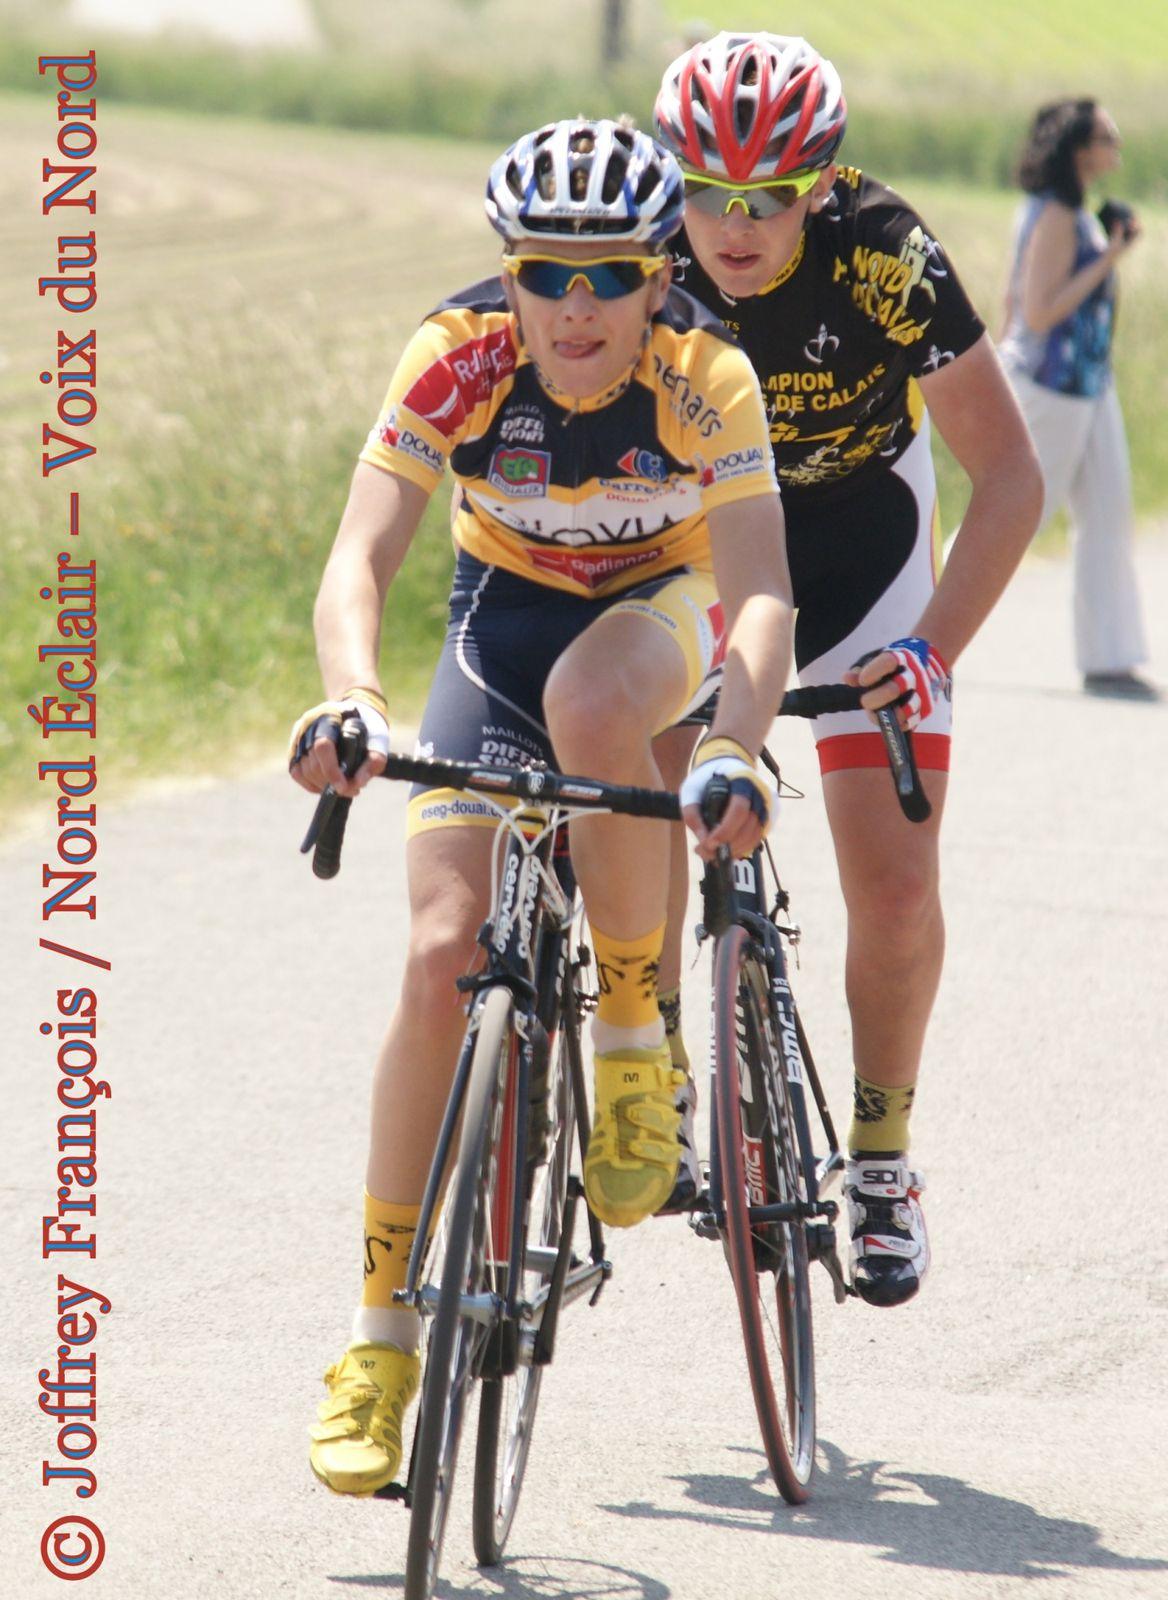 08.06.13 Cyclisme Championnat Nord Cadets et Minimes